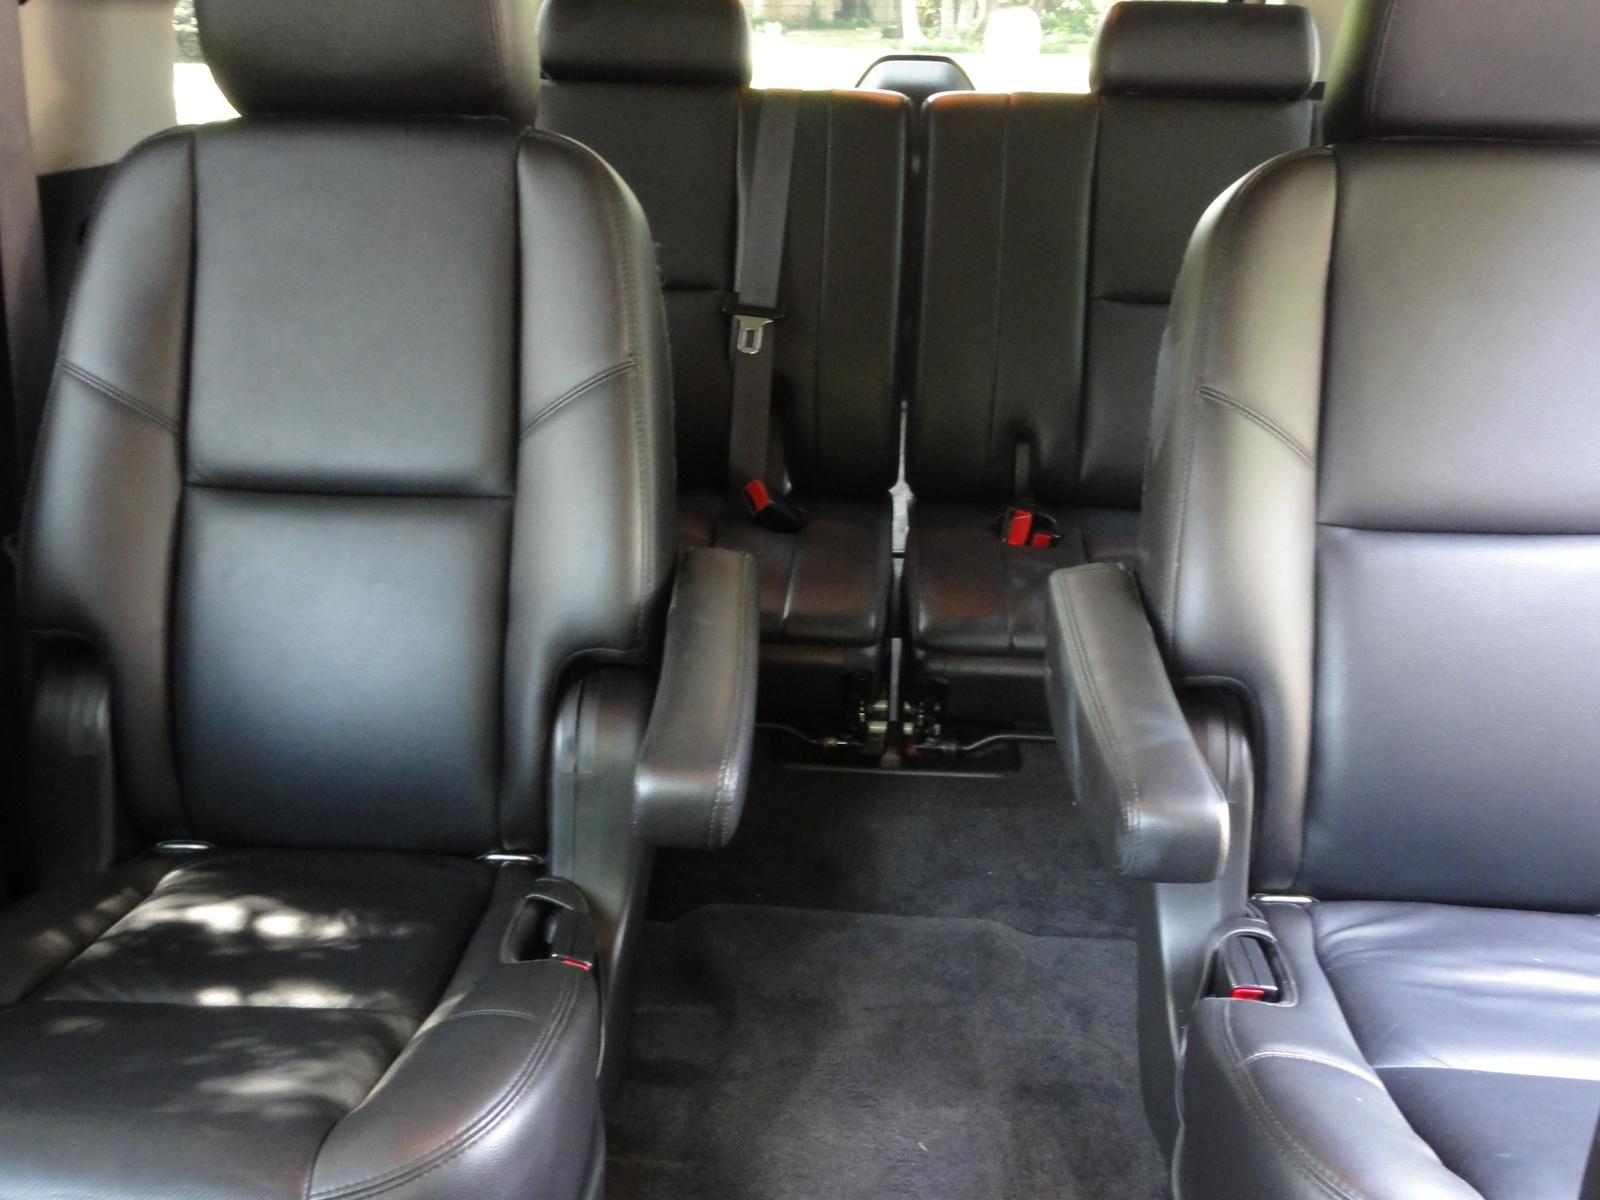 2011 chevrolet suburban interior pictures cargurus - Chevrolet suburban interior dimensions ...